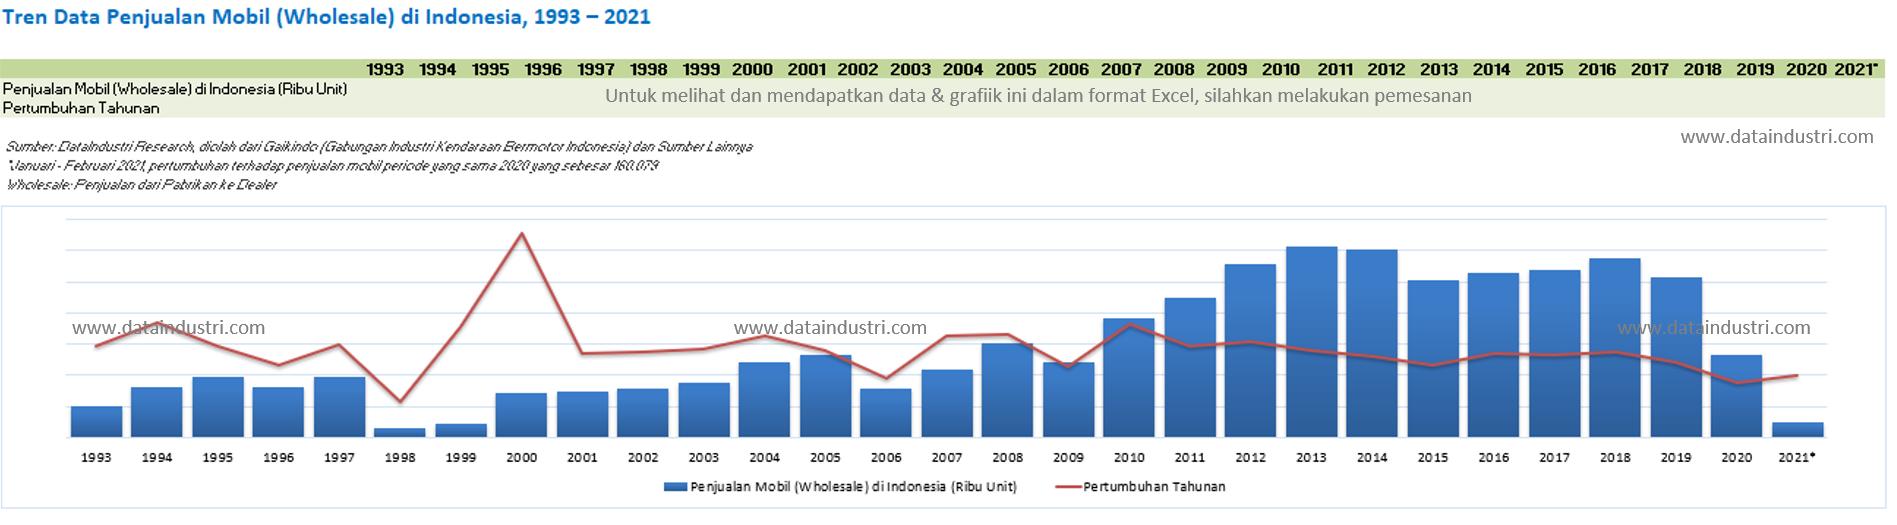 Tren Data Penjualan Mobil di Indonesia, 1993 - 2021